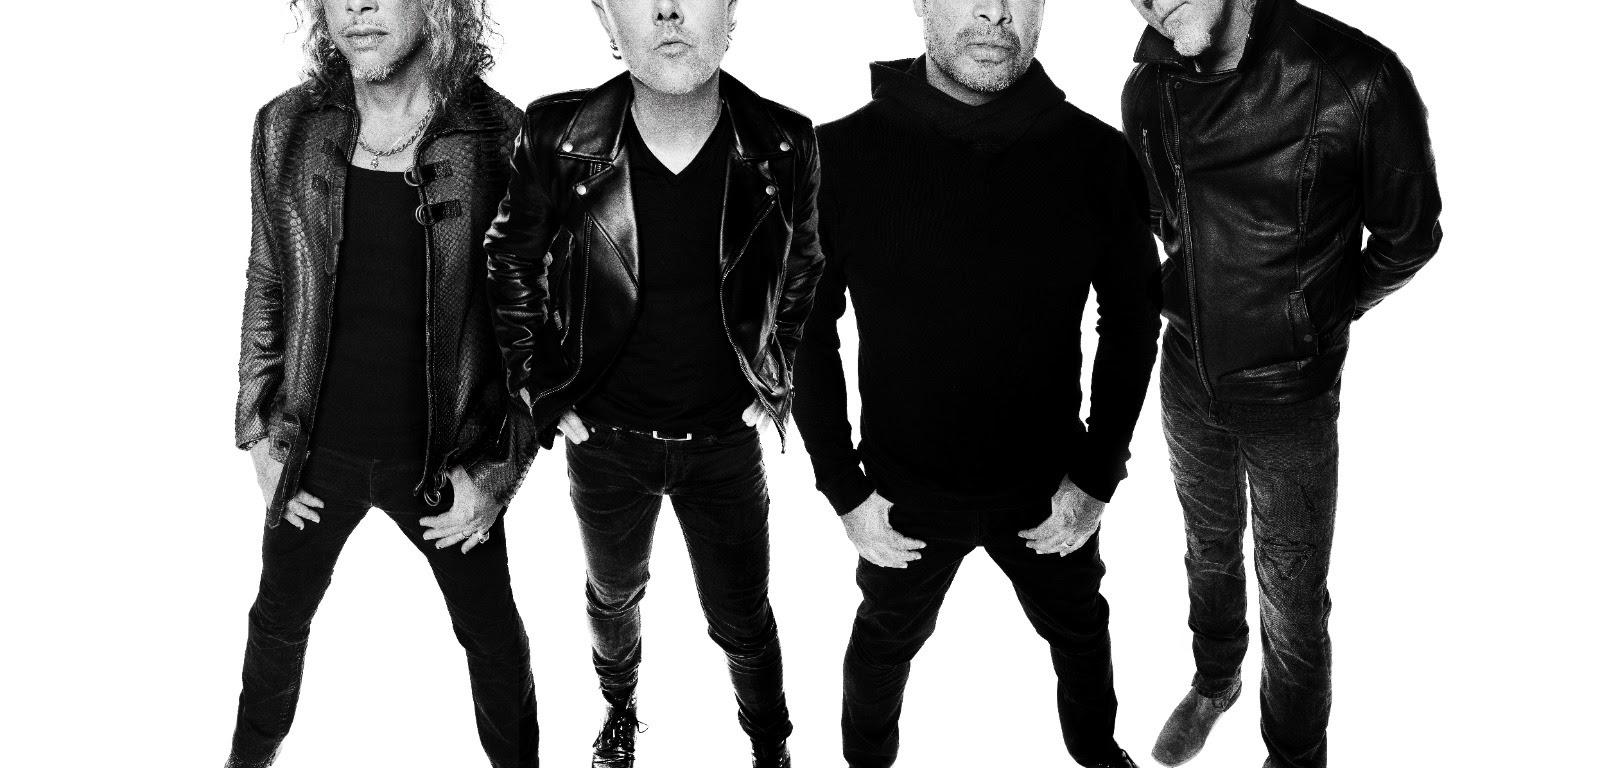 """Metallica marchează cea de-a 30-a aniversare a celui de-al cincilea album intitulat - """"TheBlack Album""""prin lansarea """"The Metallica Blacklist"""" sidouă lansări de referință:piesele """"Nothing Else Matters"""" (variantarealizata de catre Miley Cyrus, alaturi de WATT, Elton John, Yo-Yo Ma, Robert Trujillo, Chad Smith) si """"Enter Sandman"""", piesa interpretata de catre Juanes."""